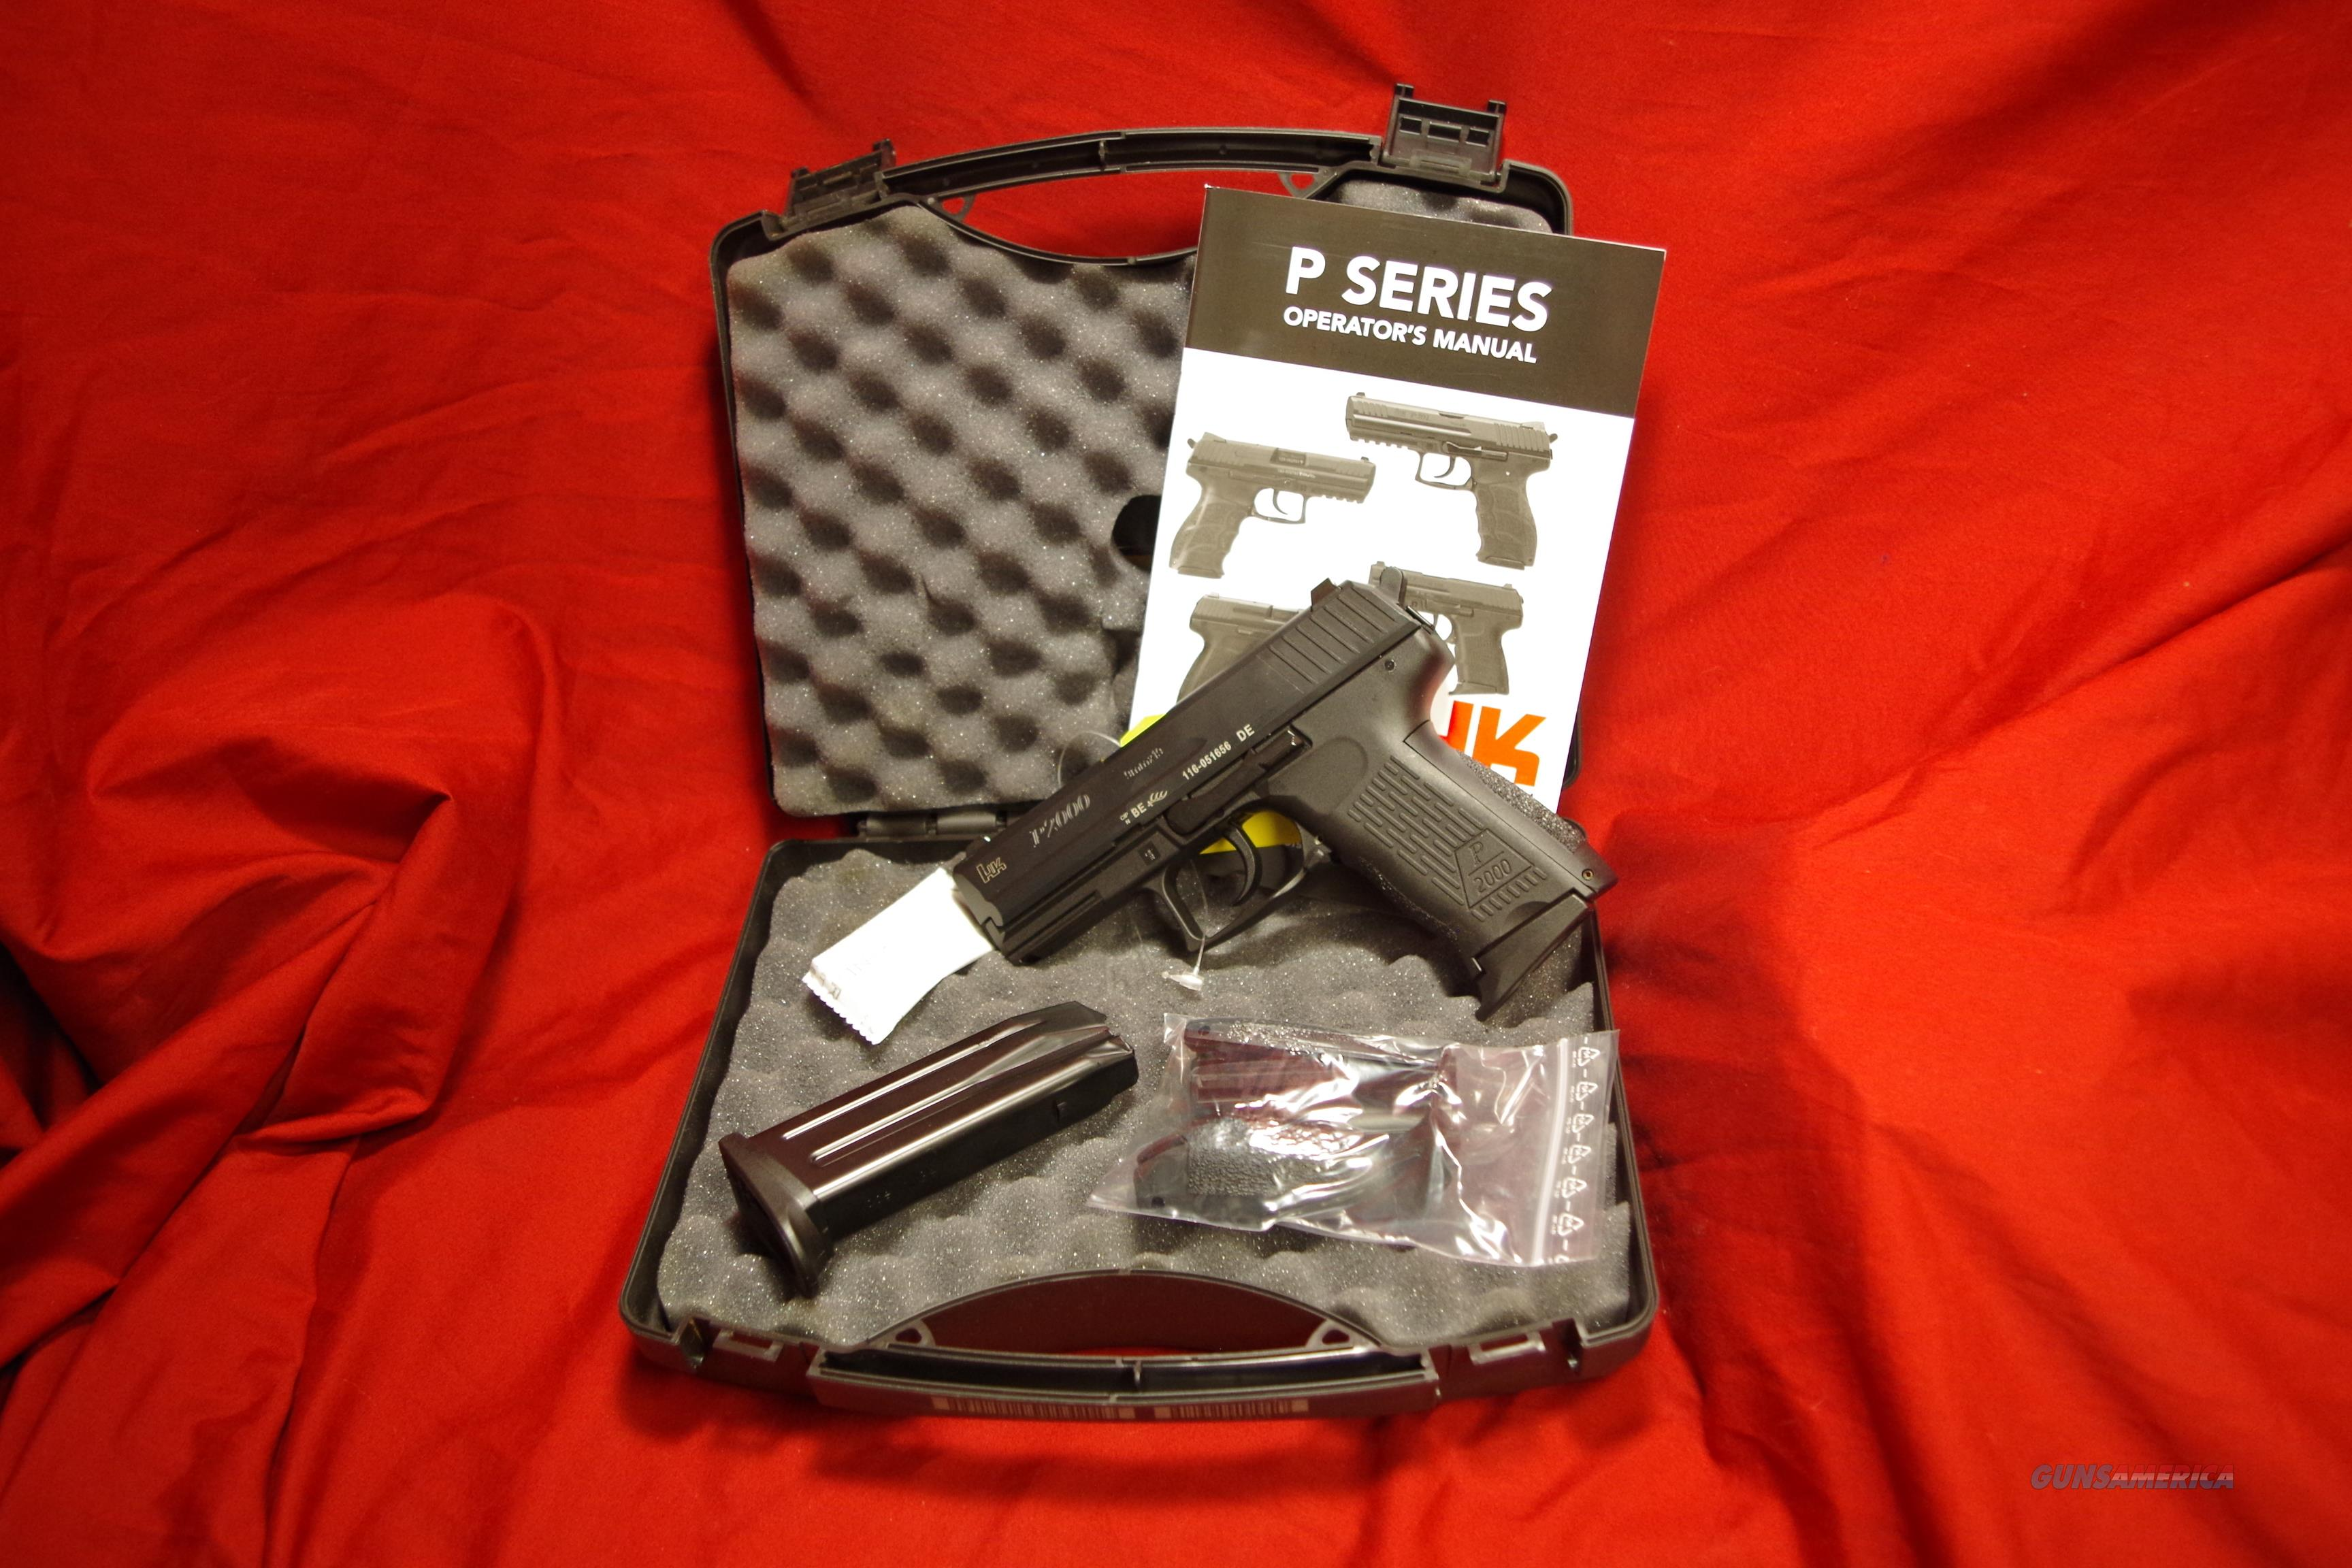 H&K P2000 9mm pistol  Guns > Pistols > Heckler & Koch Pistols > Polymer Frame